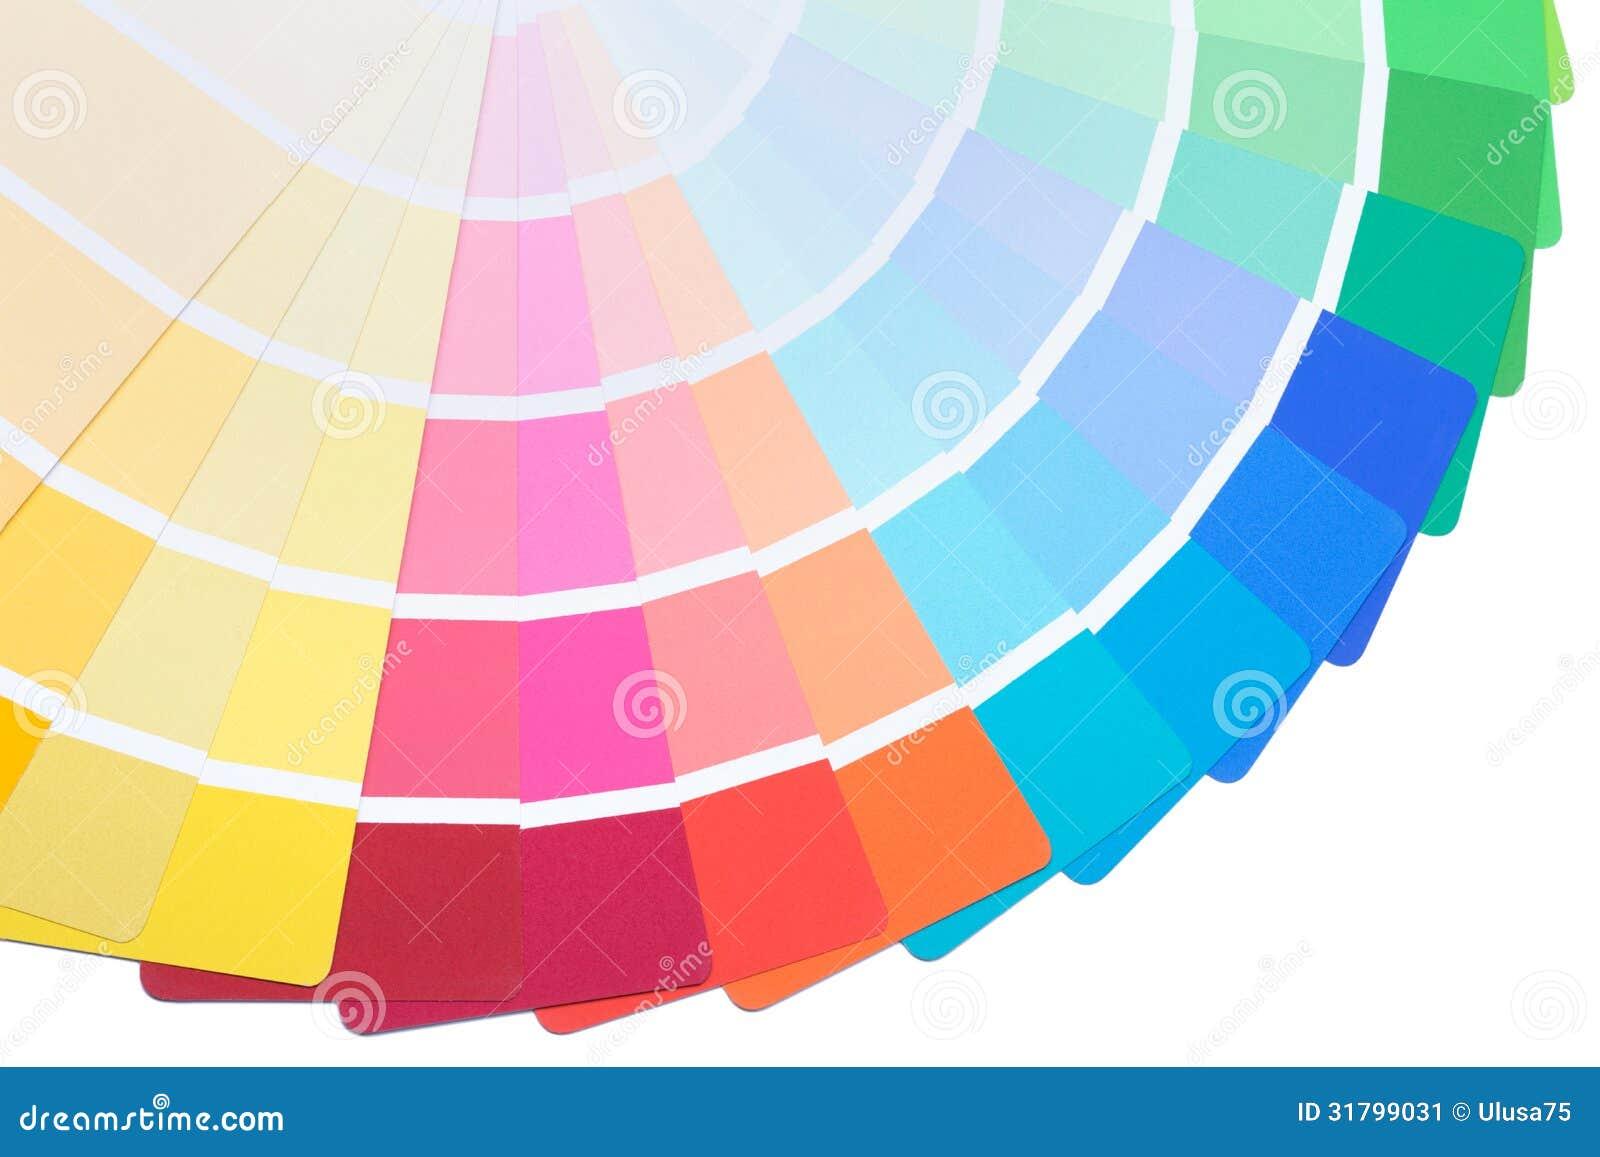 De gids van het kleurenpalet